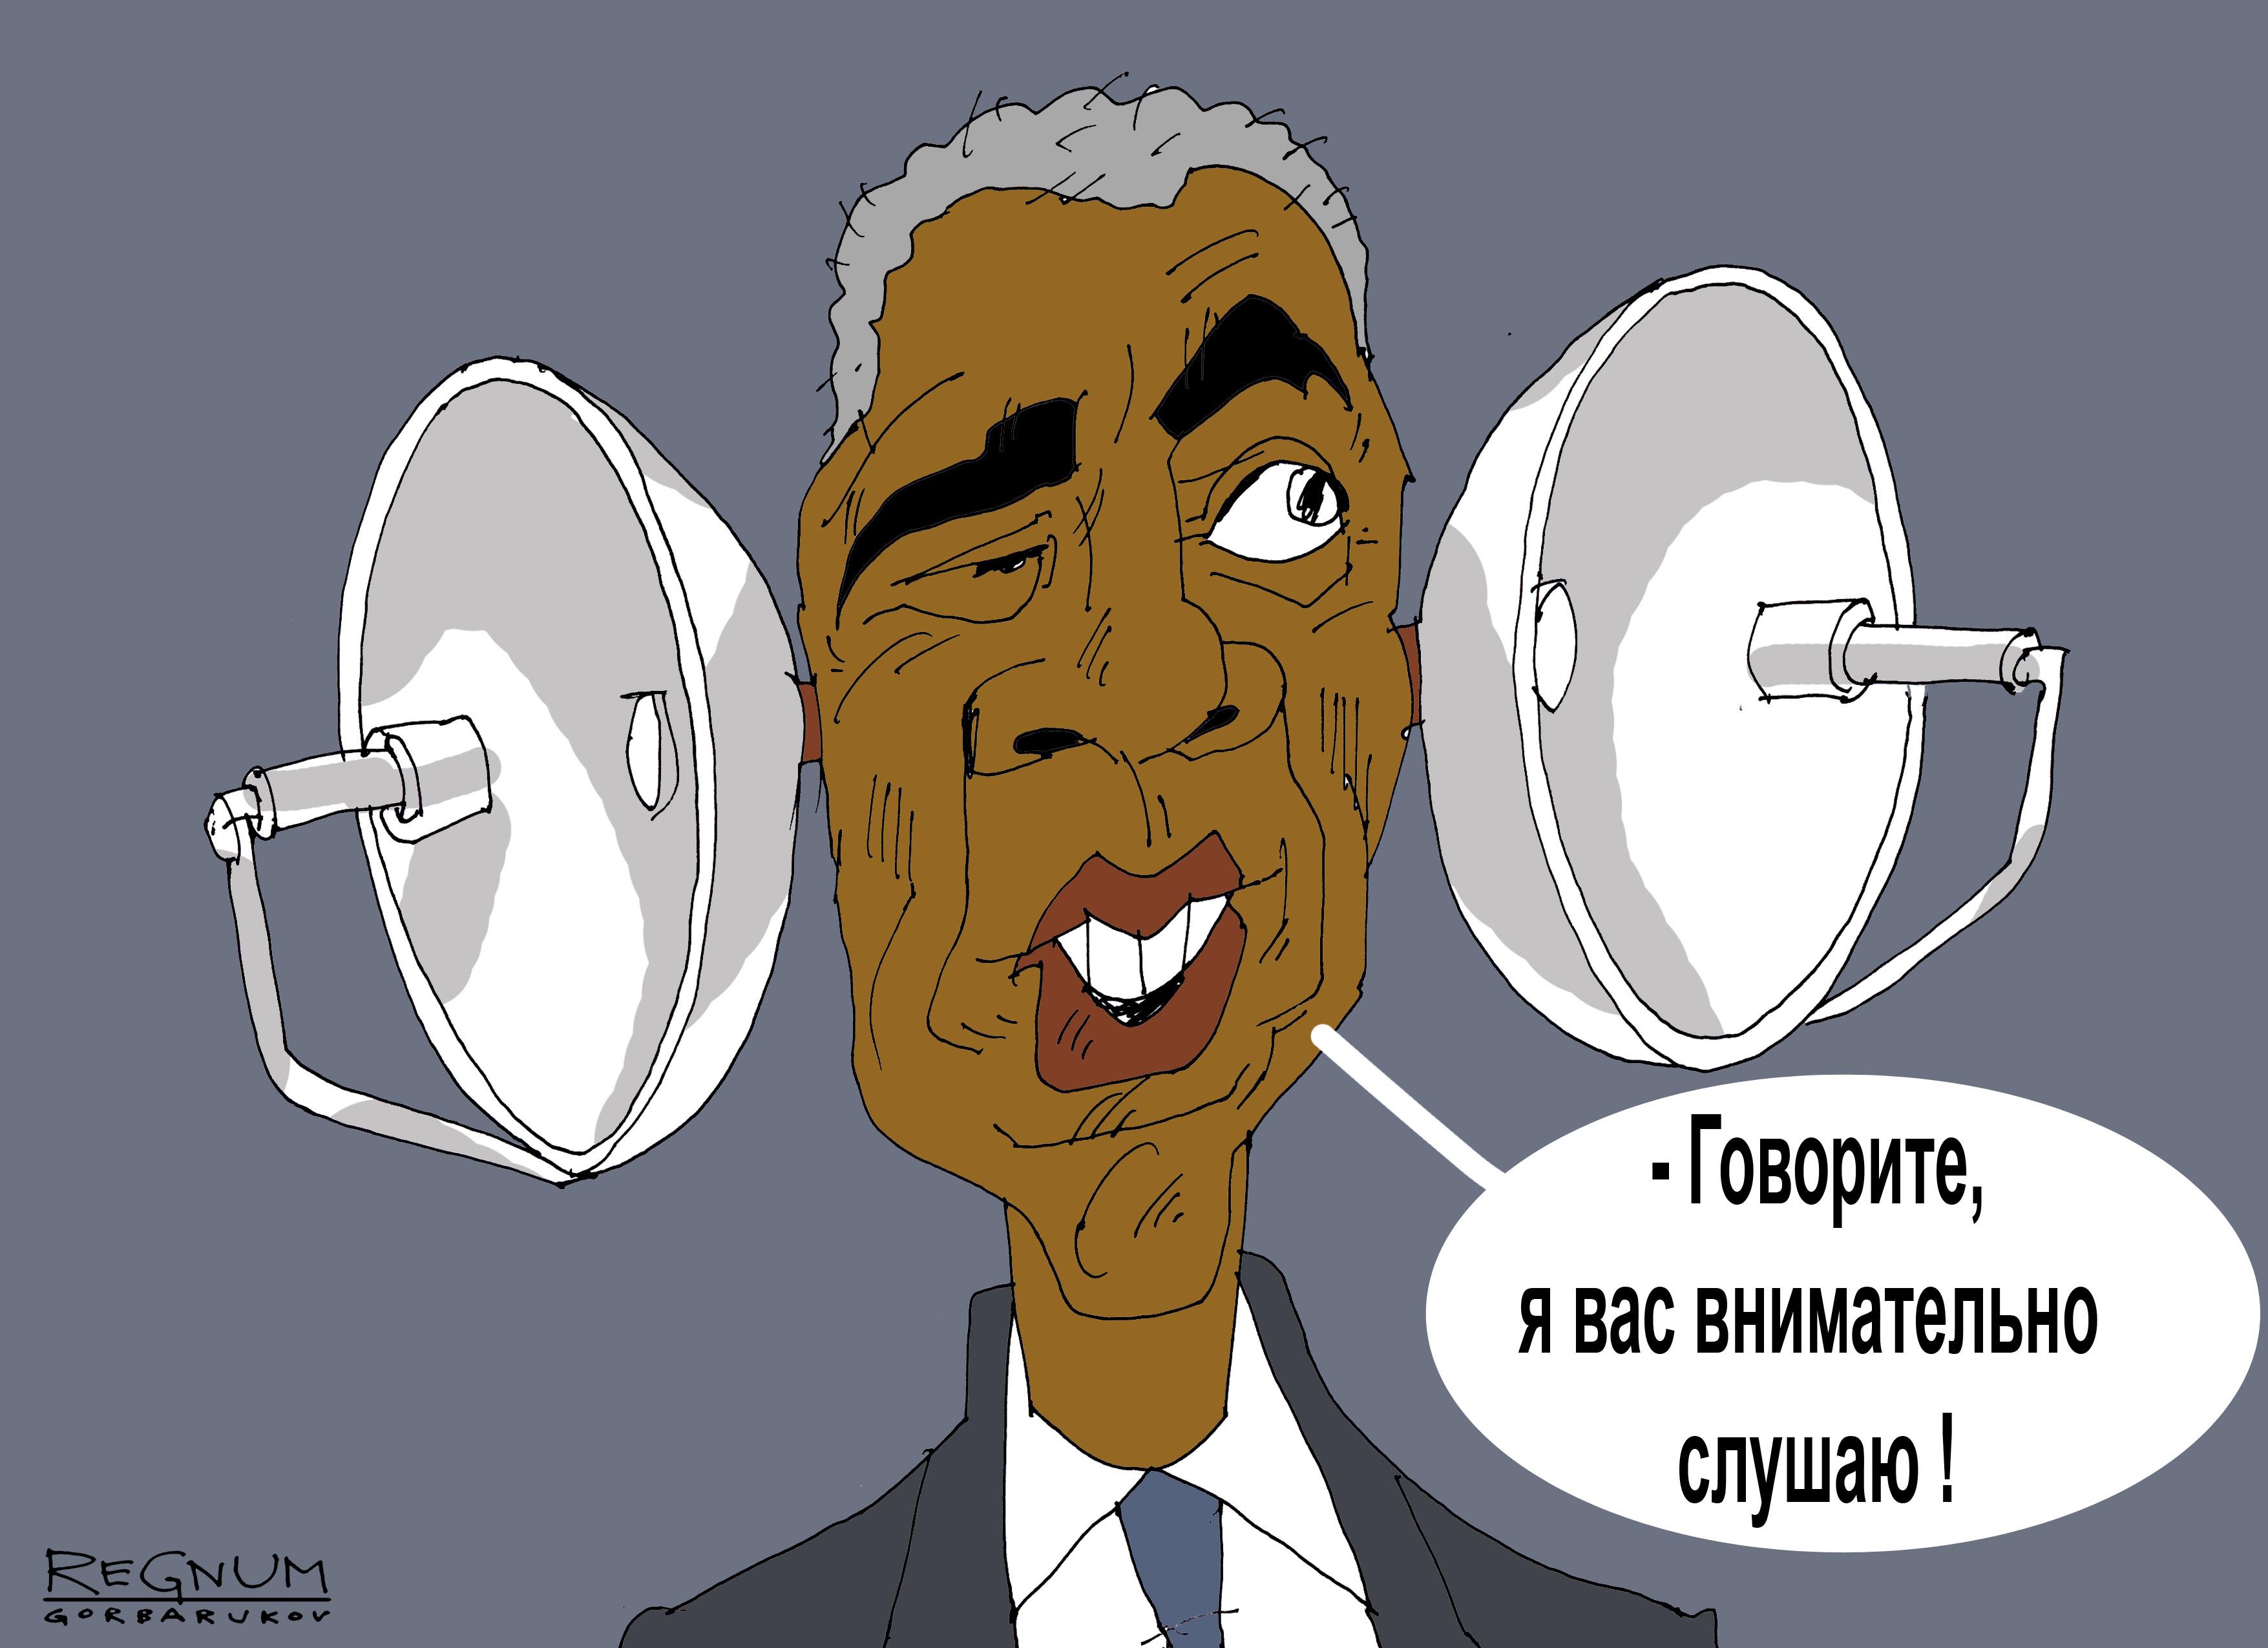 Главу СБУ не пустили в США «доказывать российскую агрессию»